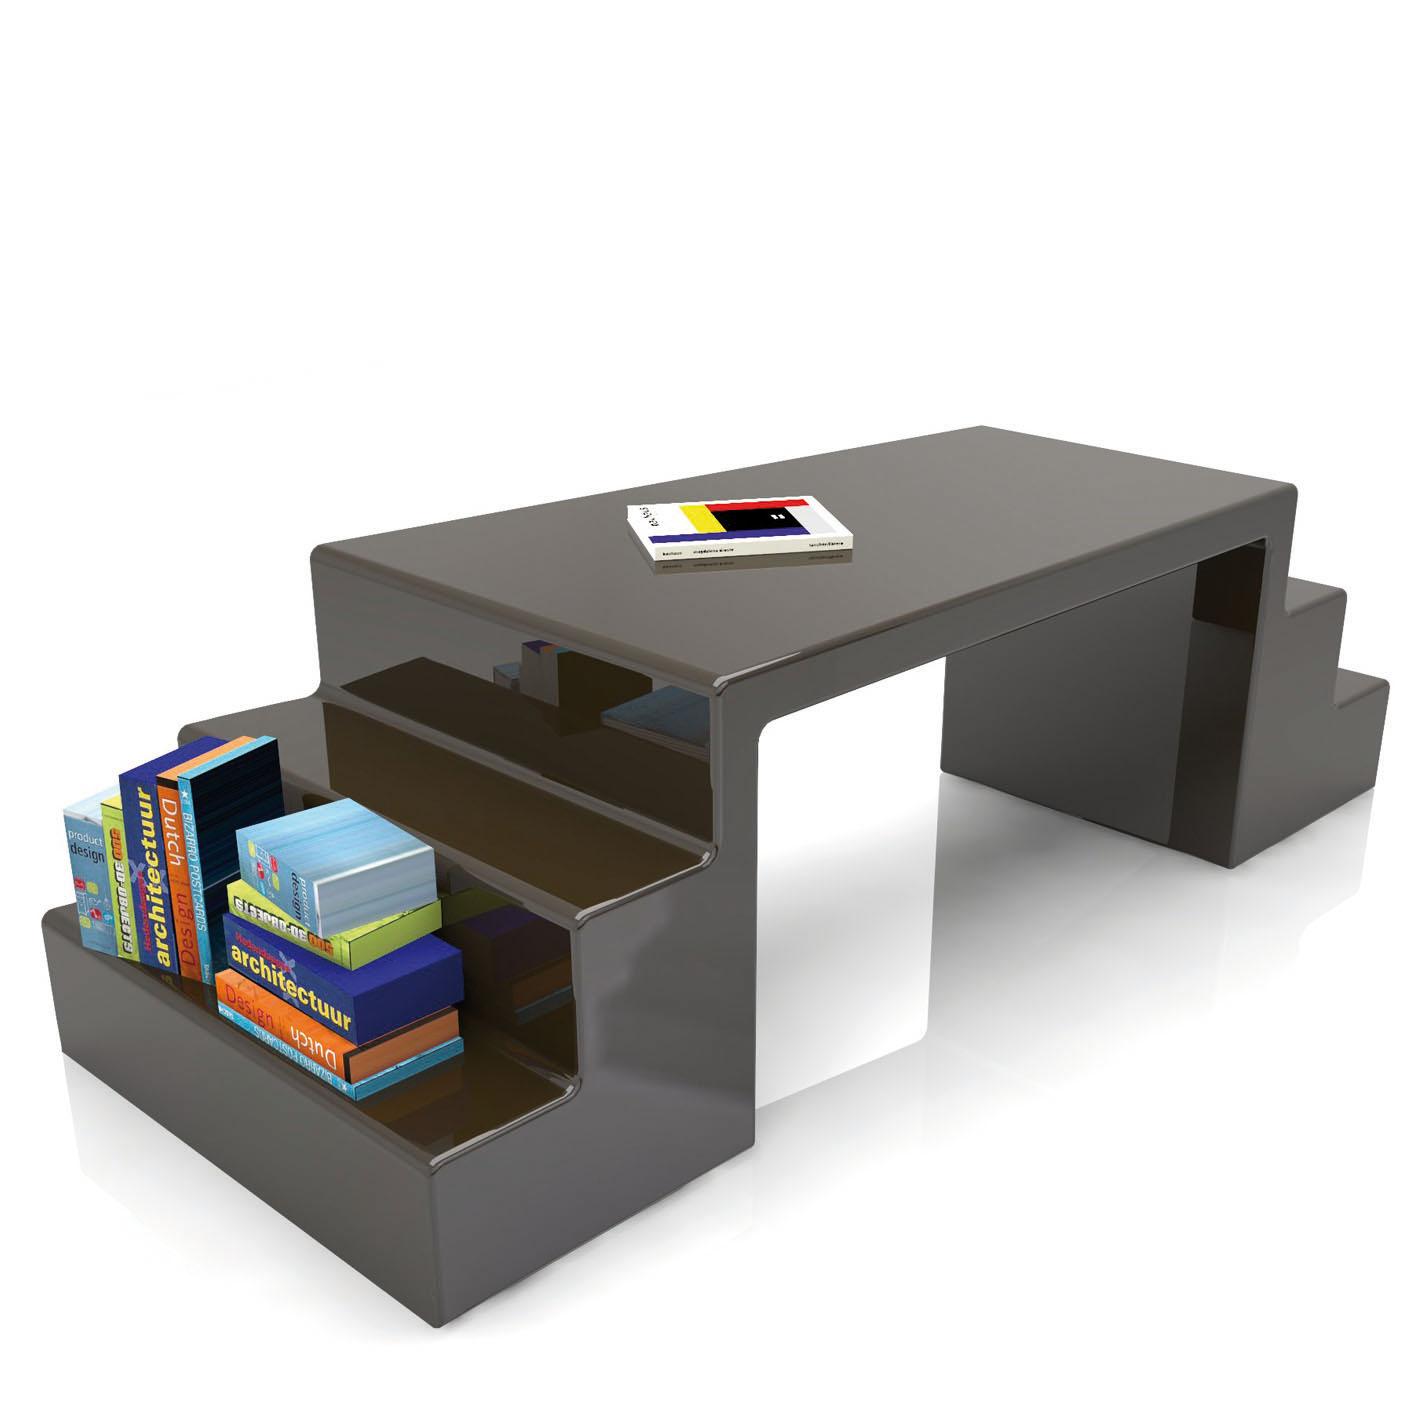 Abbott tavoli e scrivanie zad zone of absolute design for Scrivanie di design